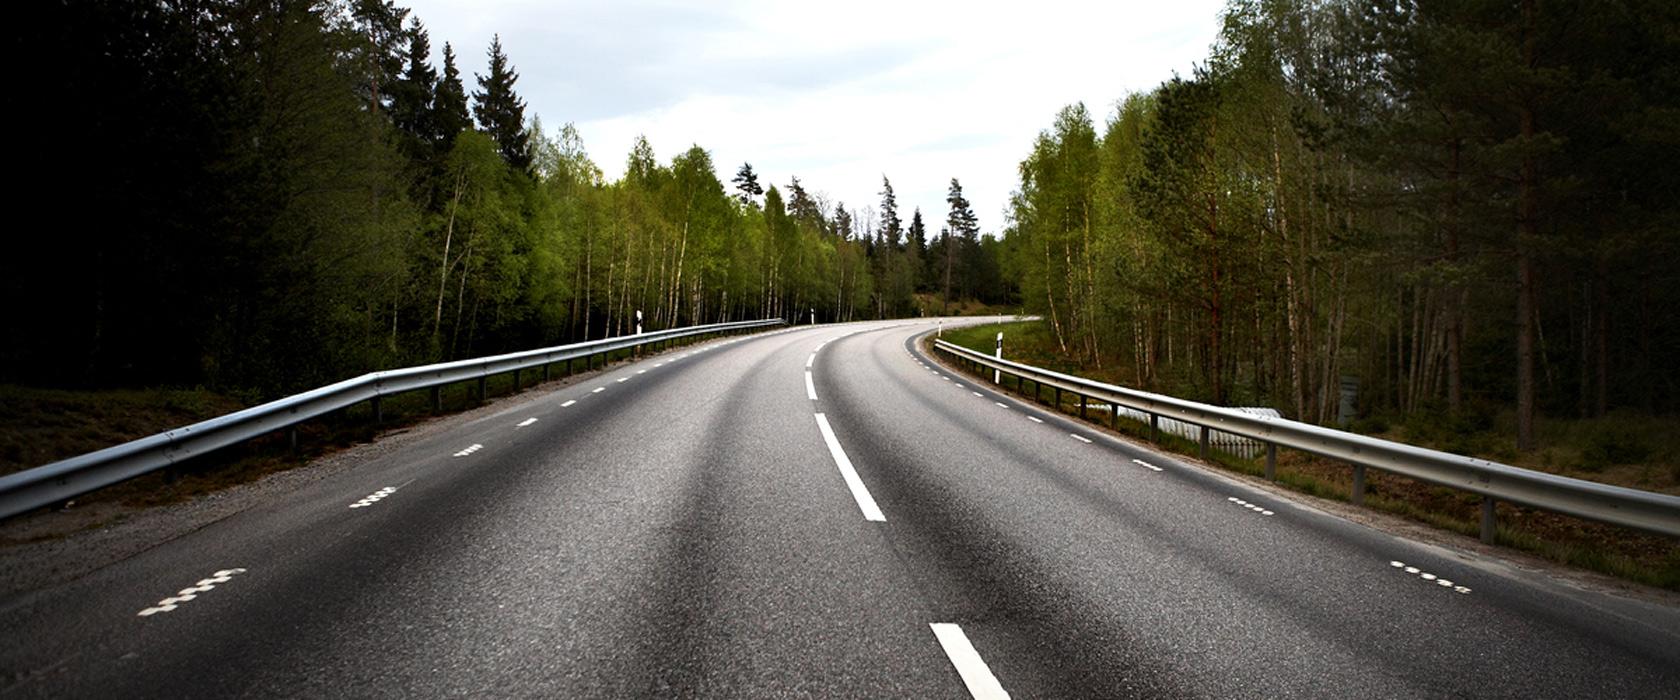 Vei i norsk natur. Våt asfalt rundt sving.